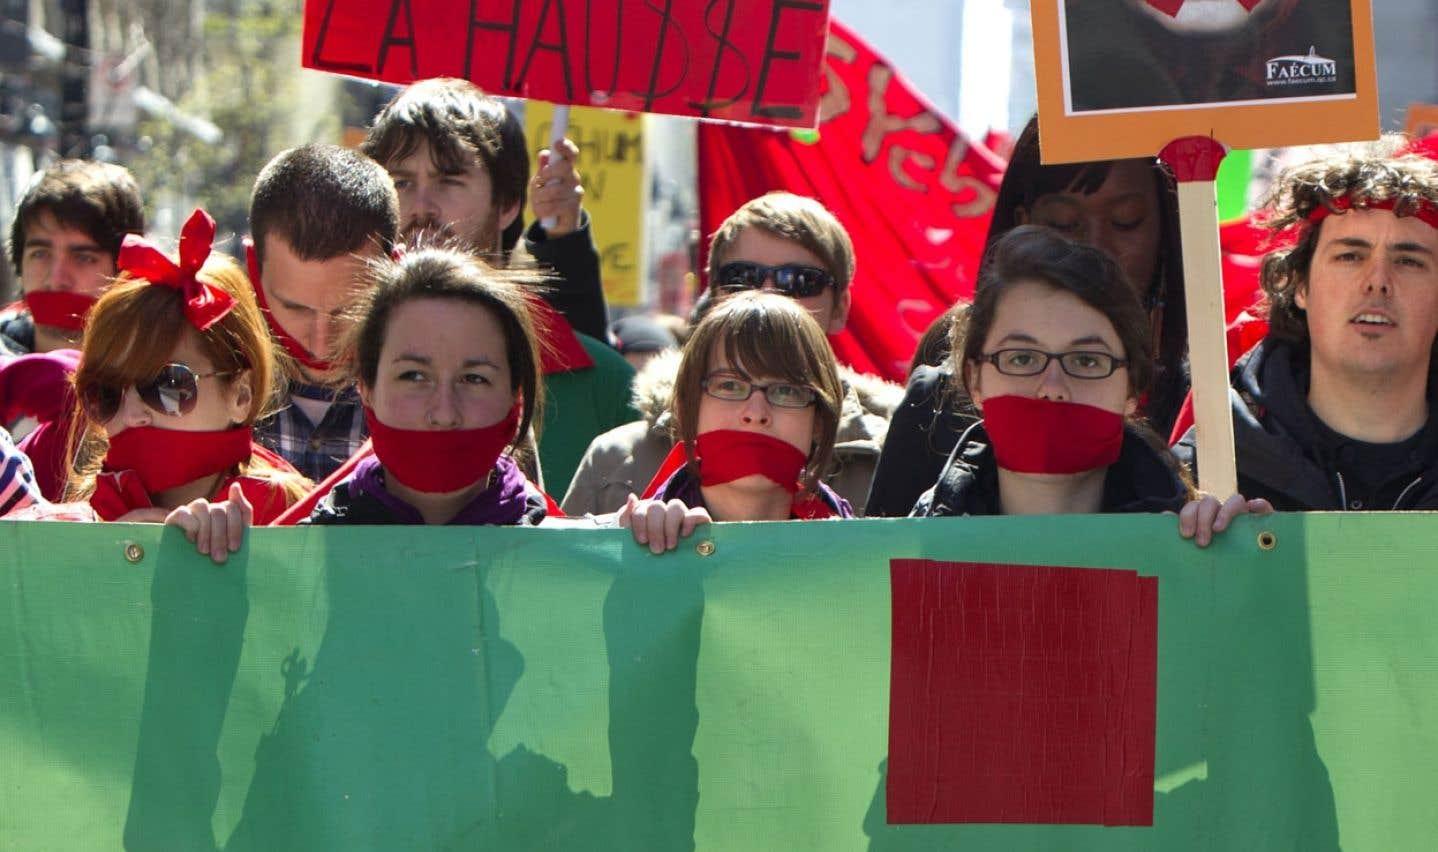 Manifestation d'étudiants de cégeps et d'universités contre la hausse des droits de scolarité en avril 2012.